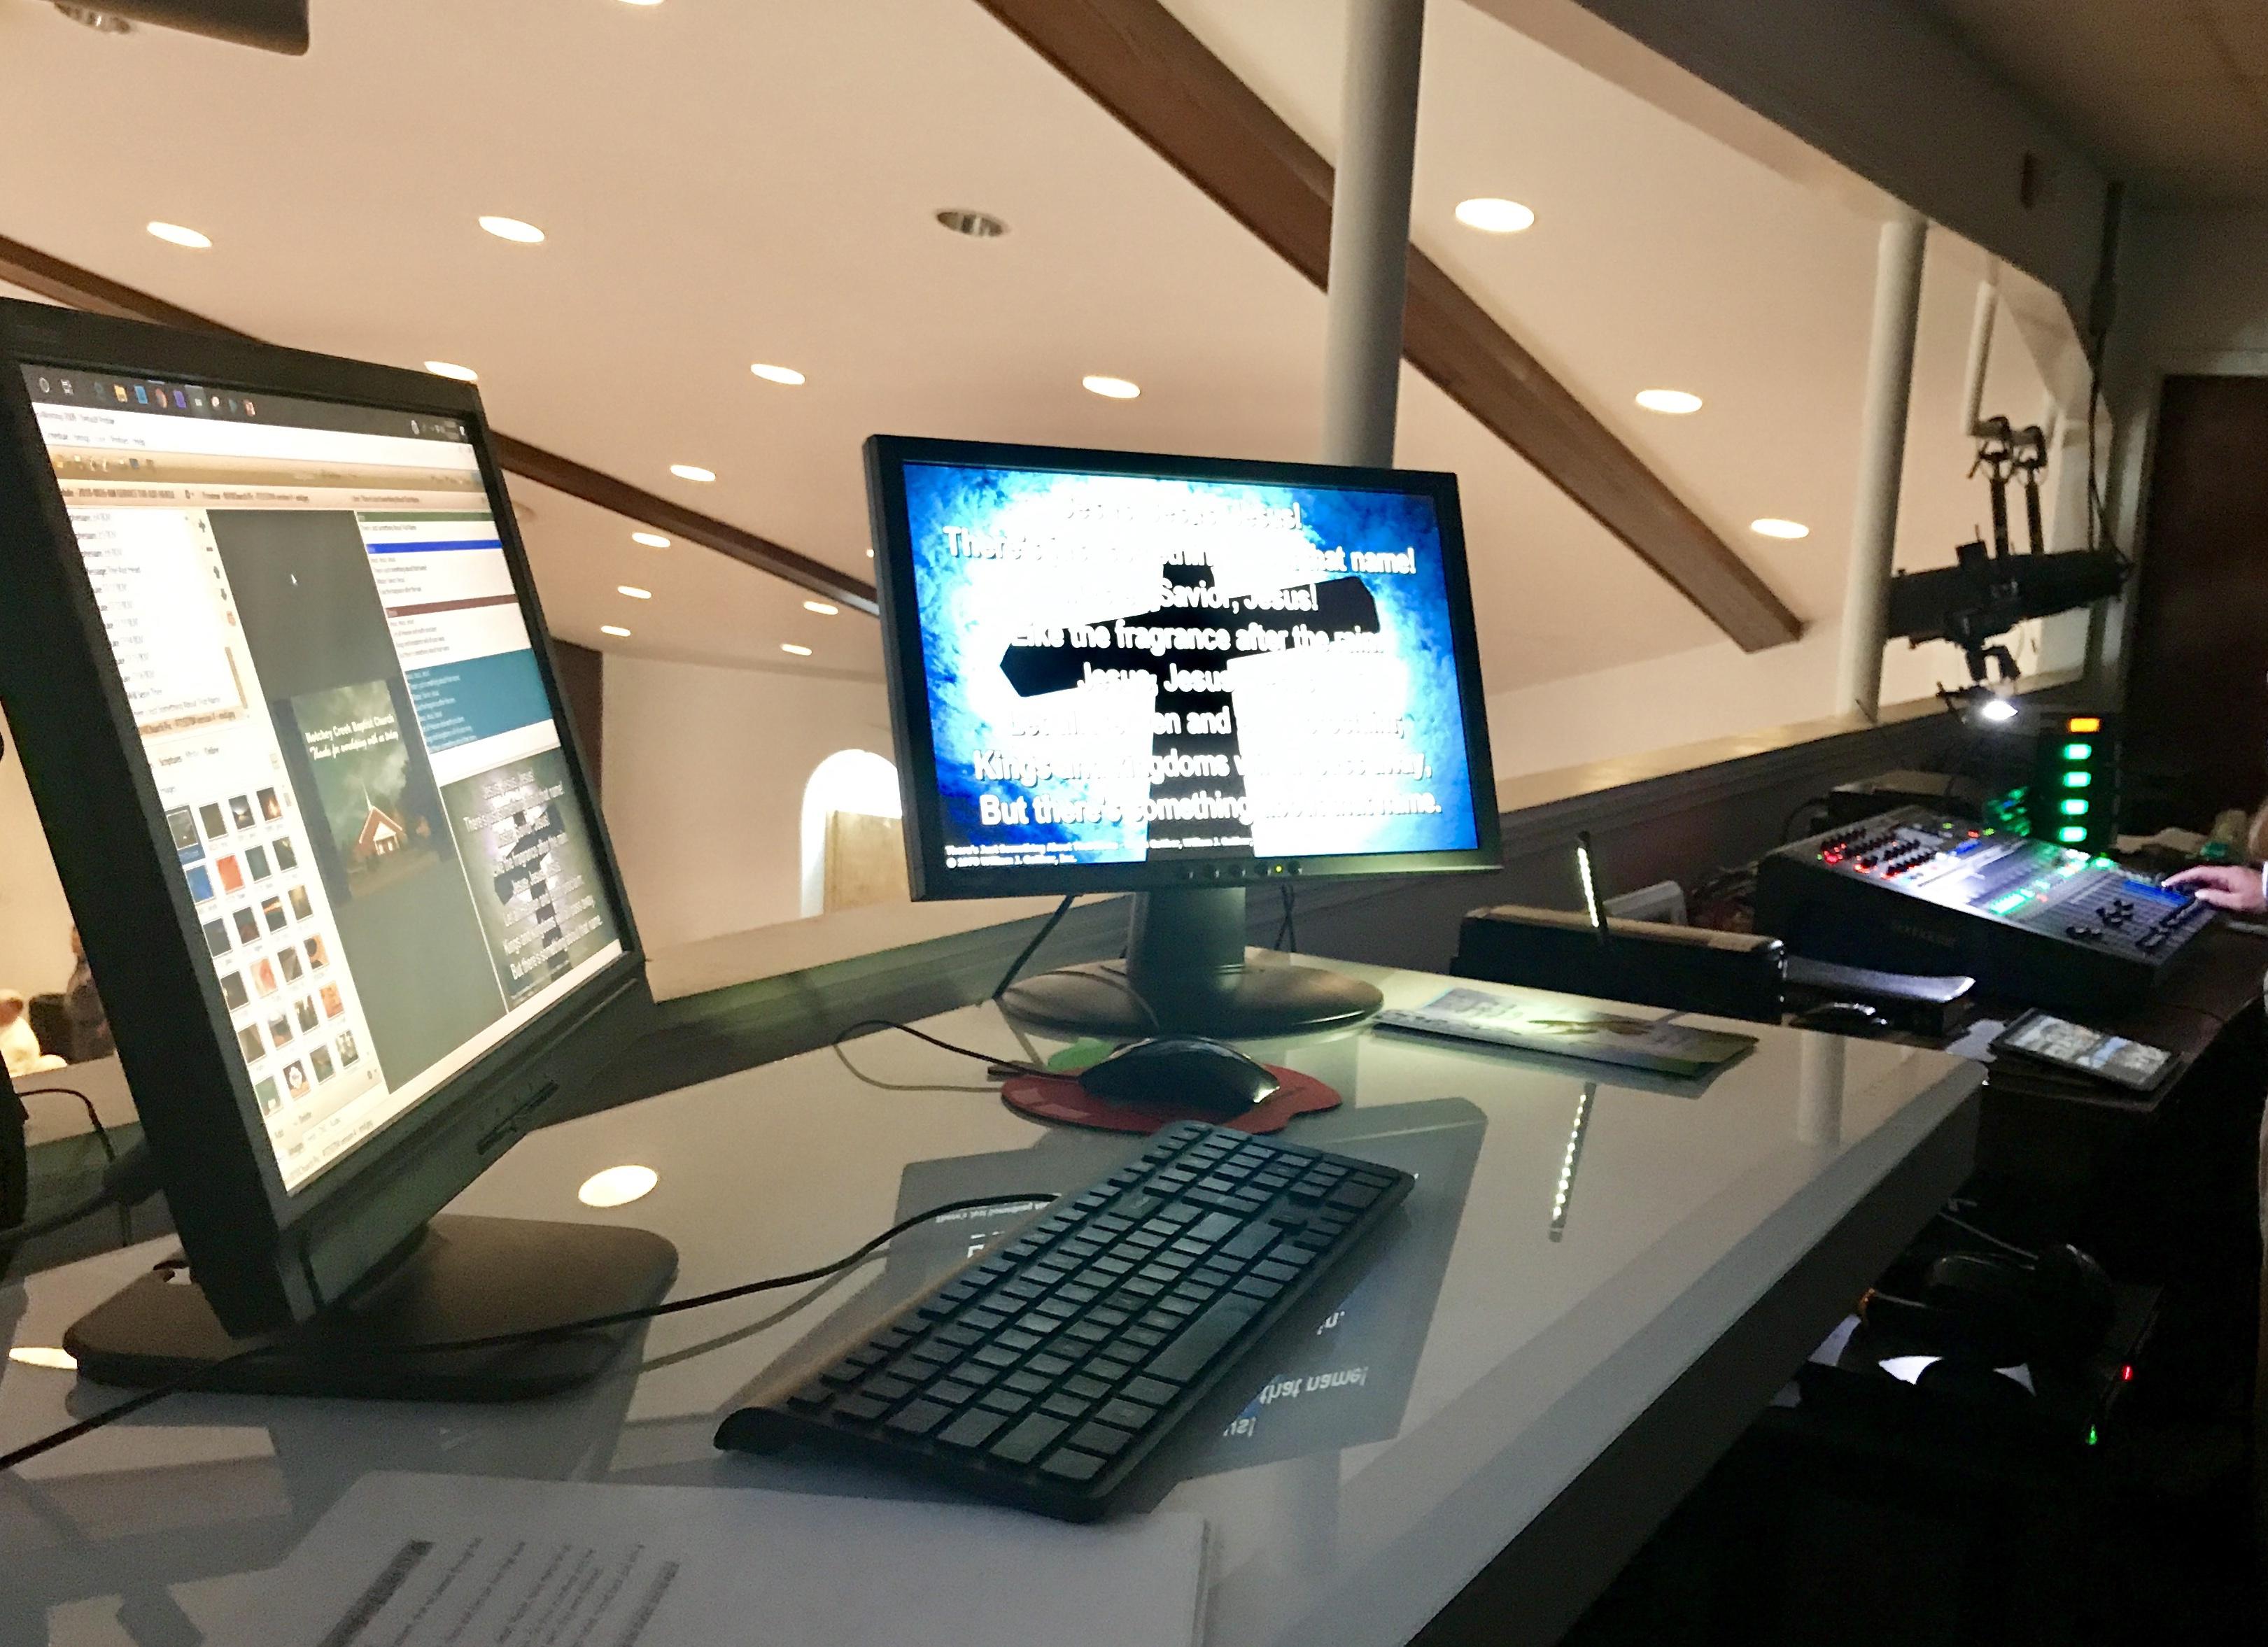 Media computer equipment